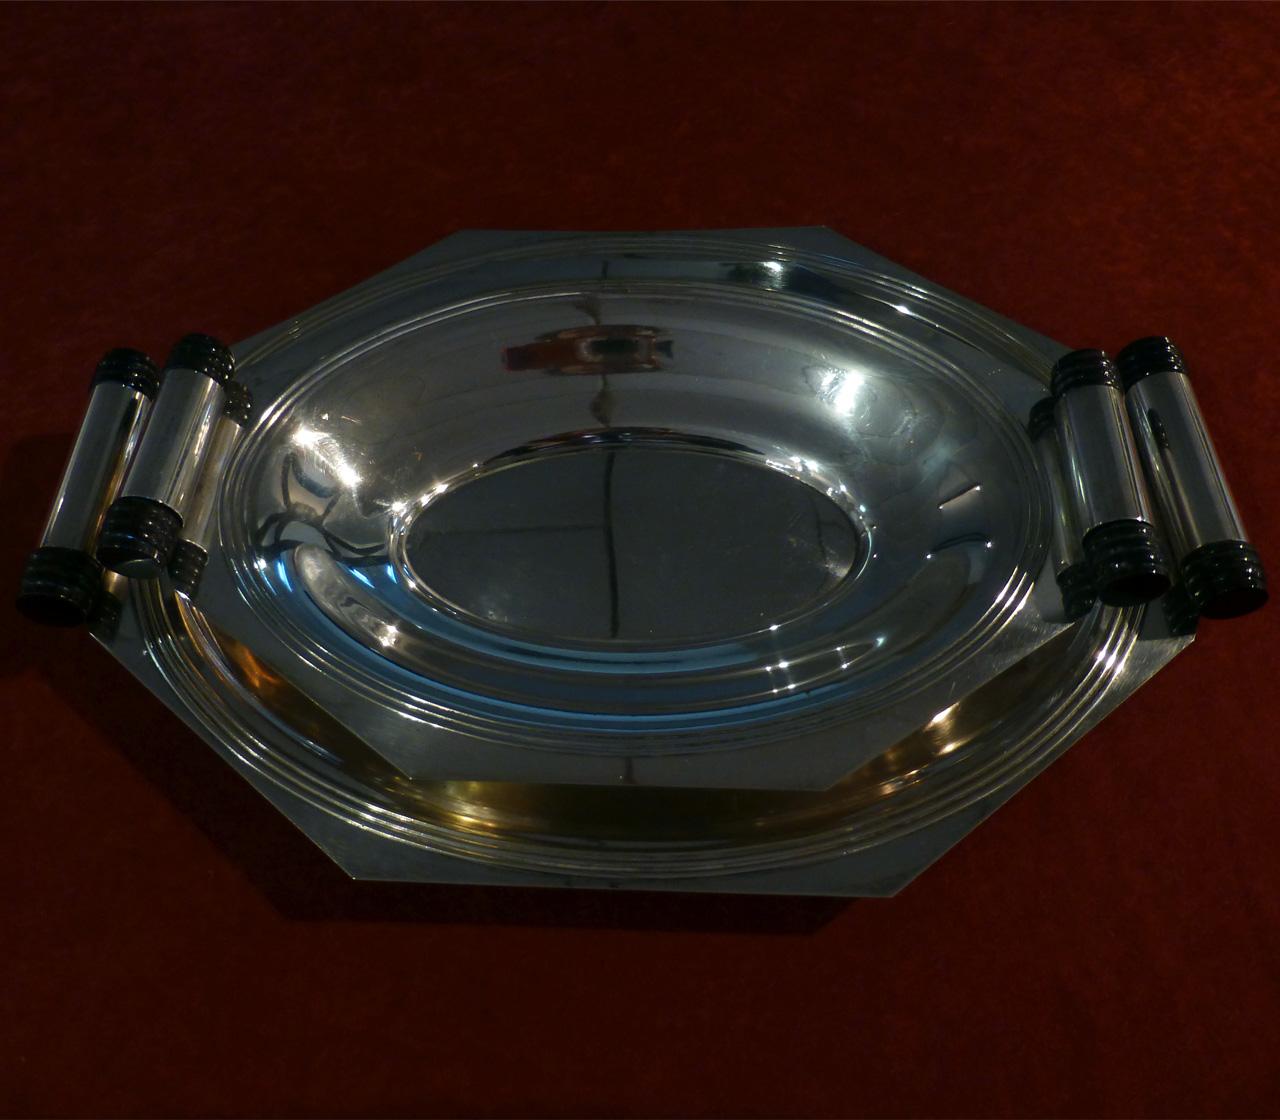 0050 Art Deco Tablett Set im Originalzustand bestehend aus einer größeren und kleineren Servierschale in Silber